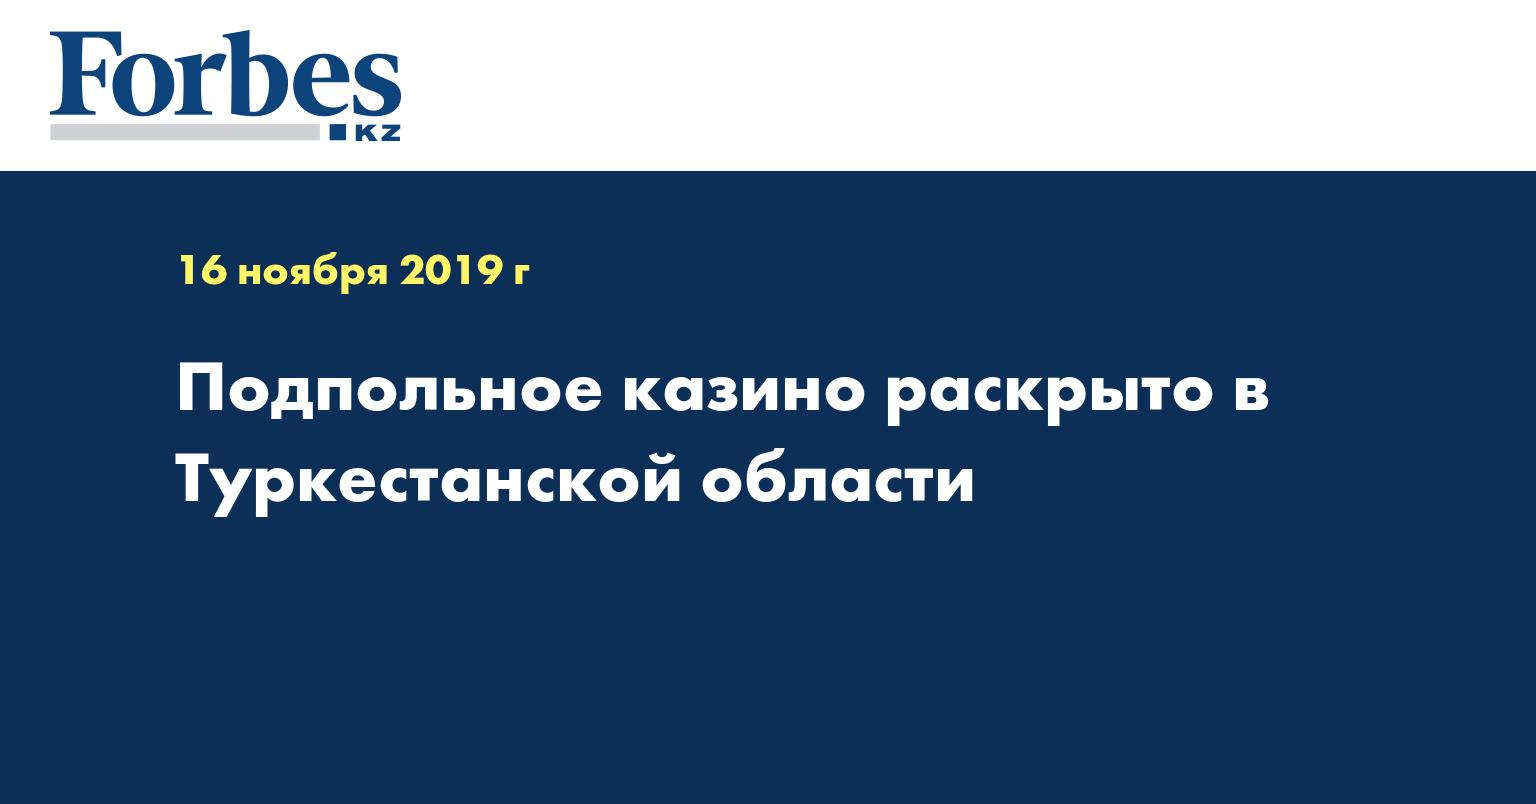 Подпольное казино раскрыто в Туркестанской области